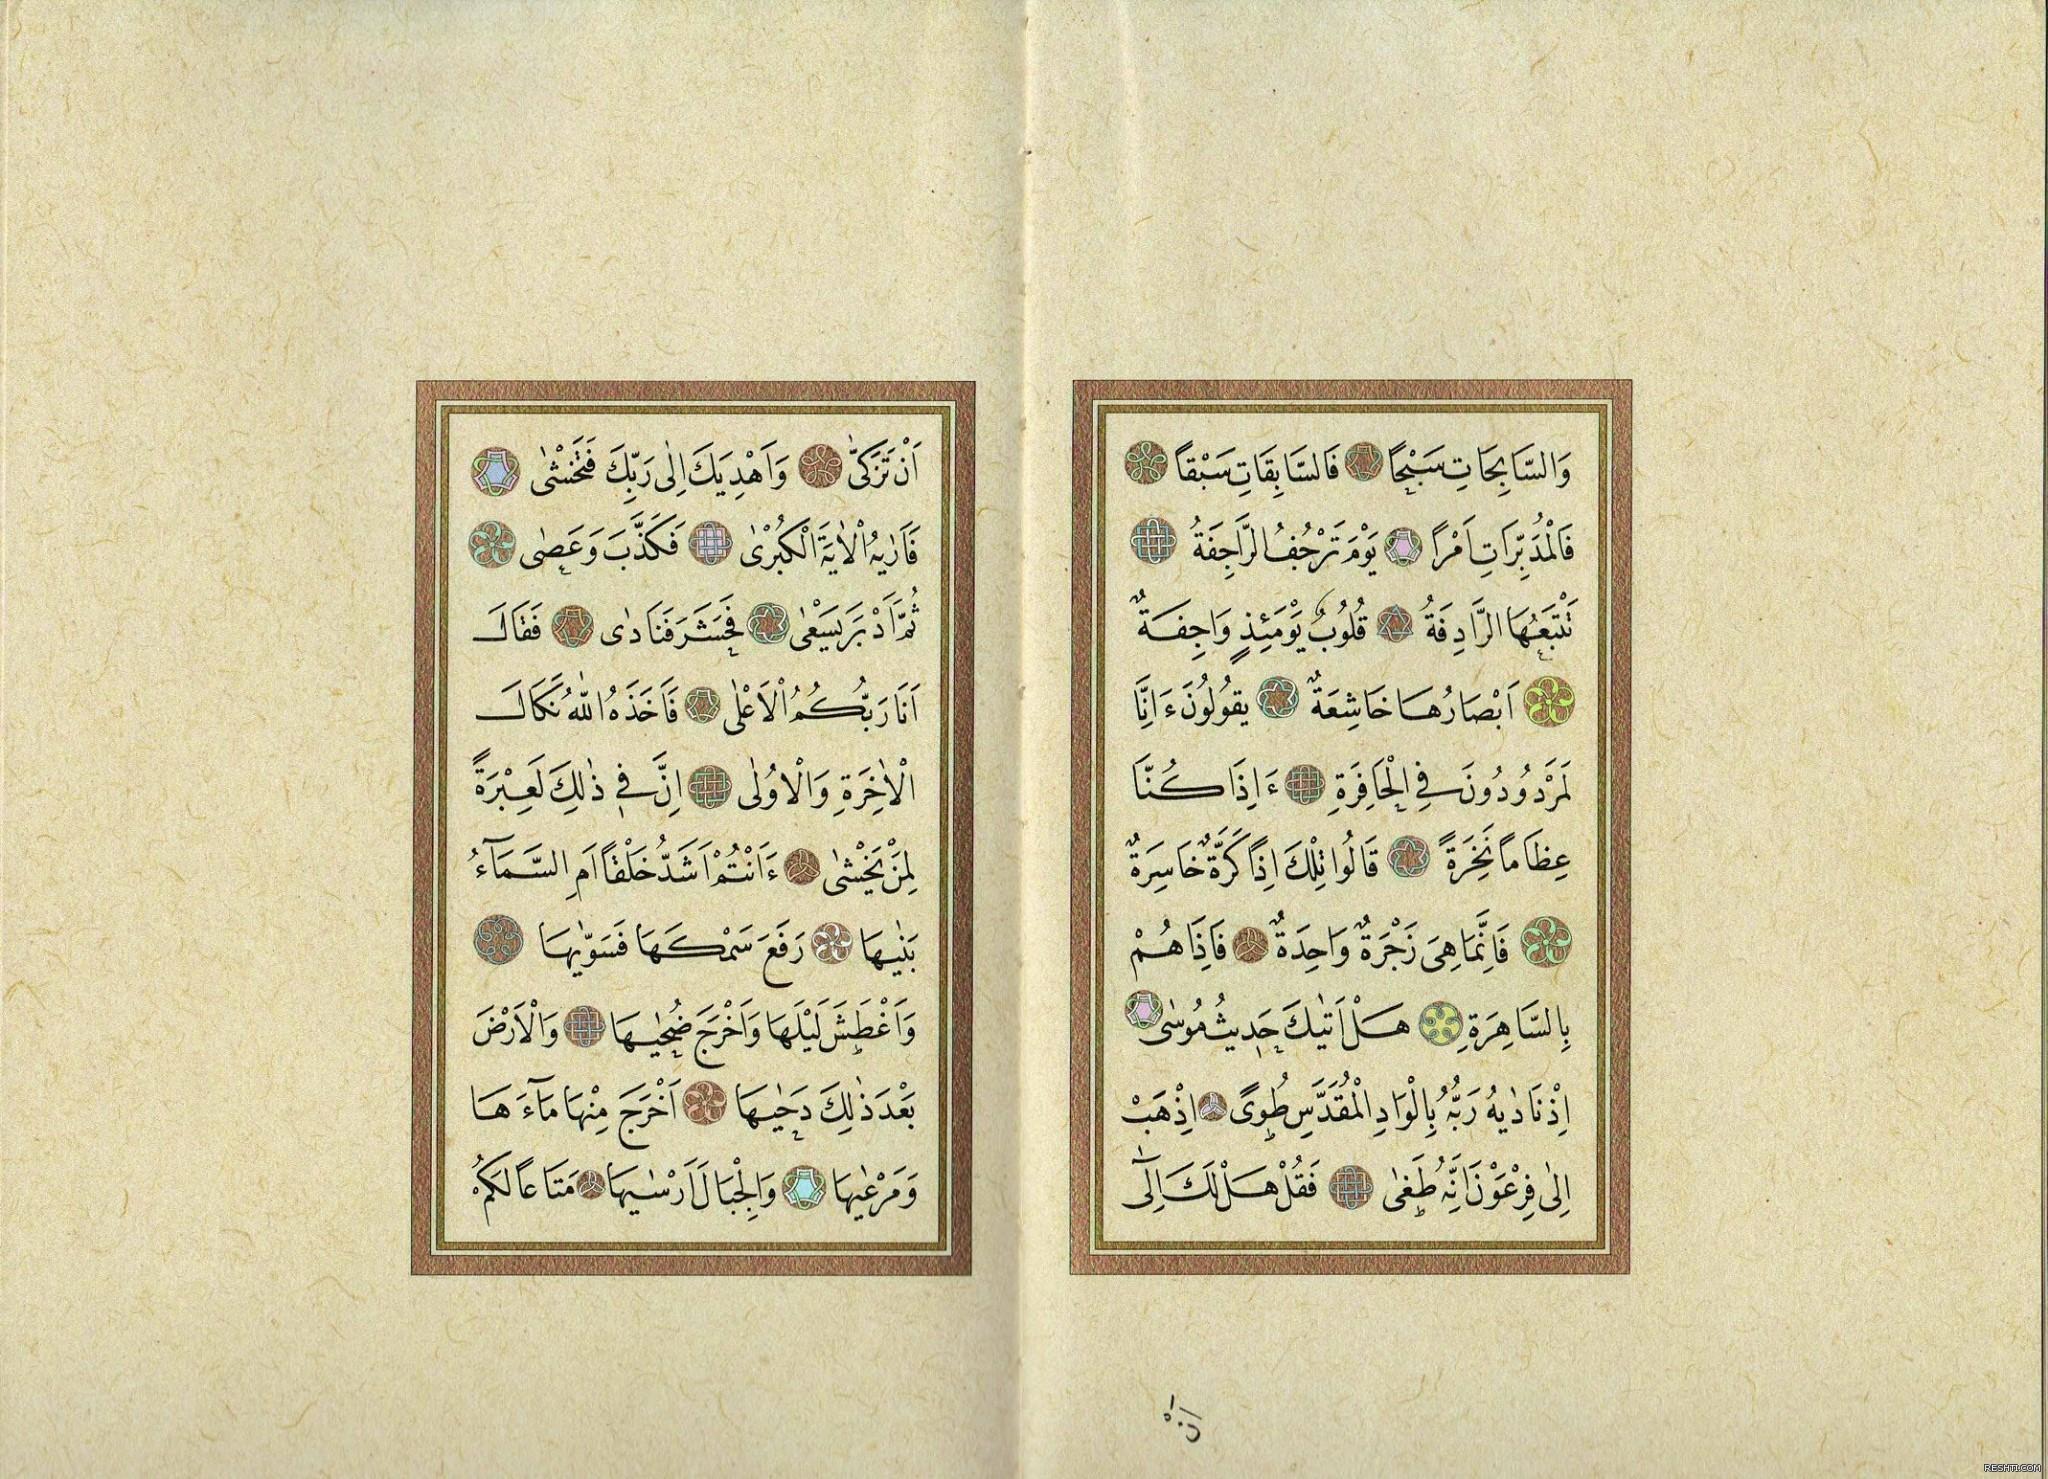 جزء عم ( الخطاط احمد الكامل ) 7